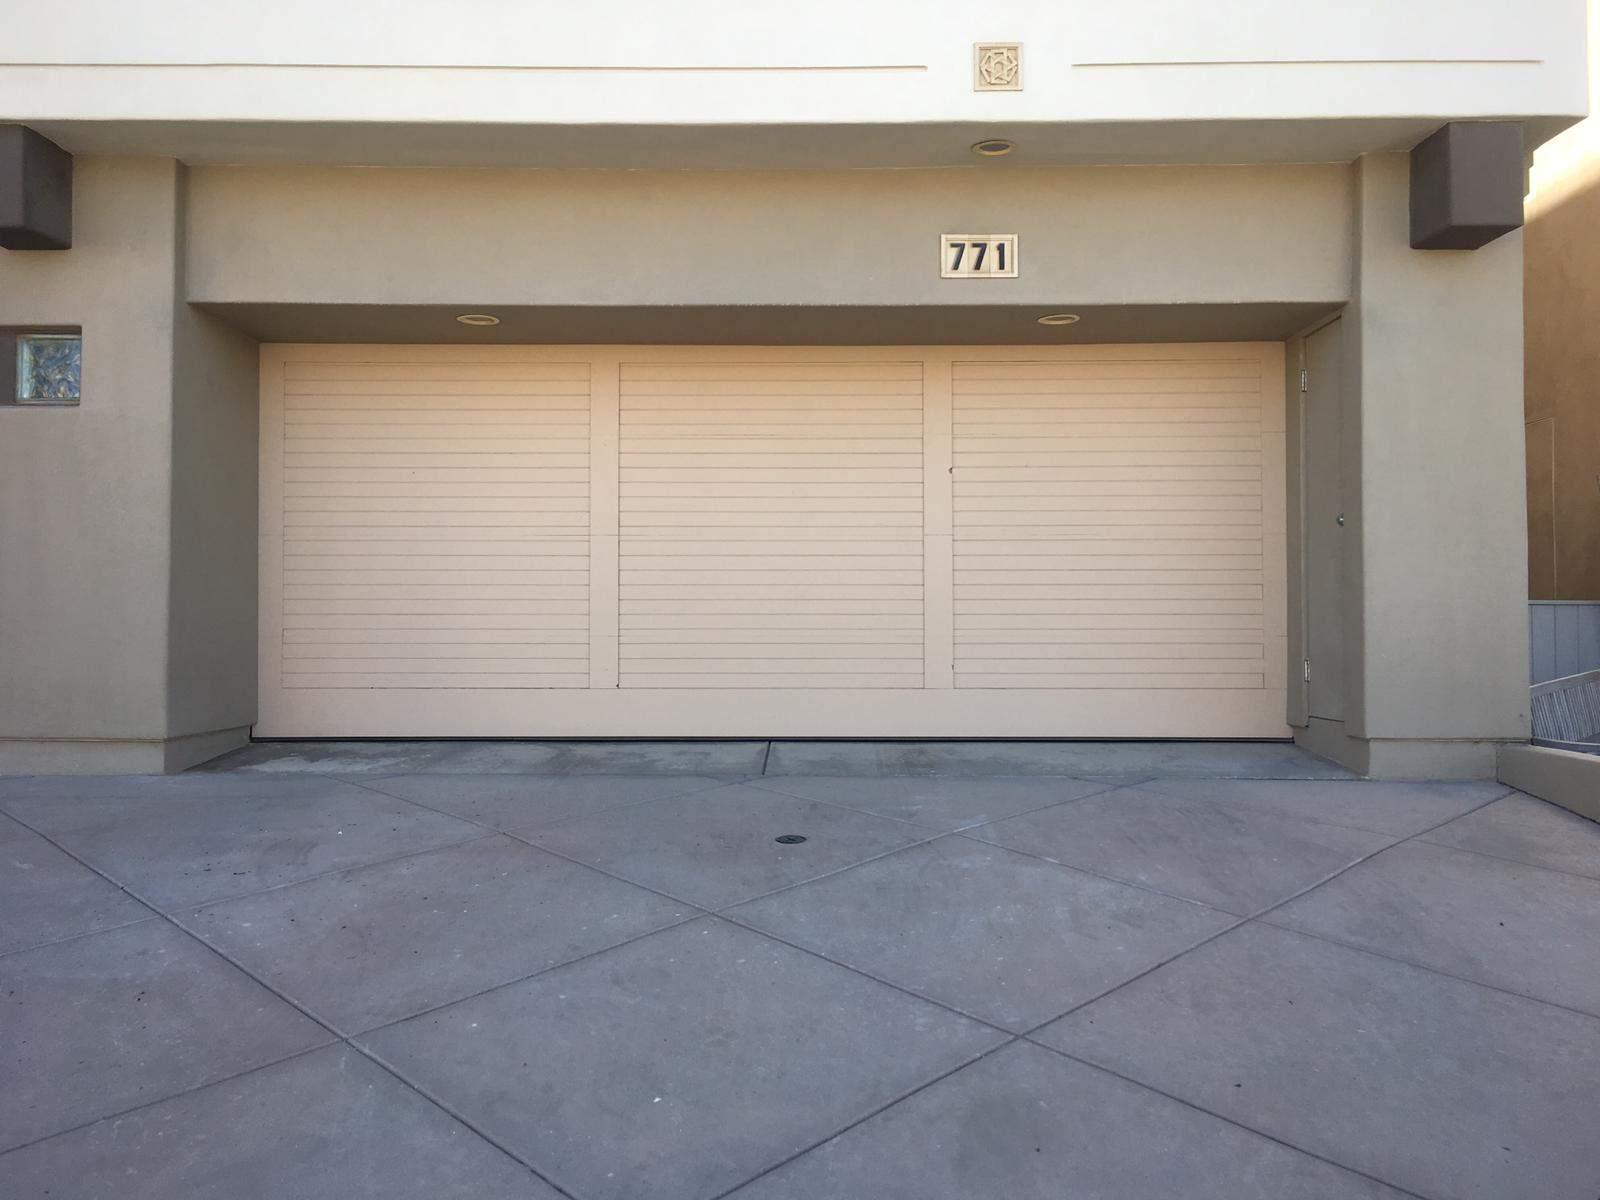 Belmont CA Garage Door Repair & Replacement